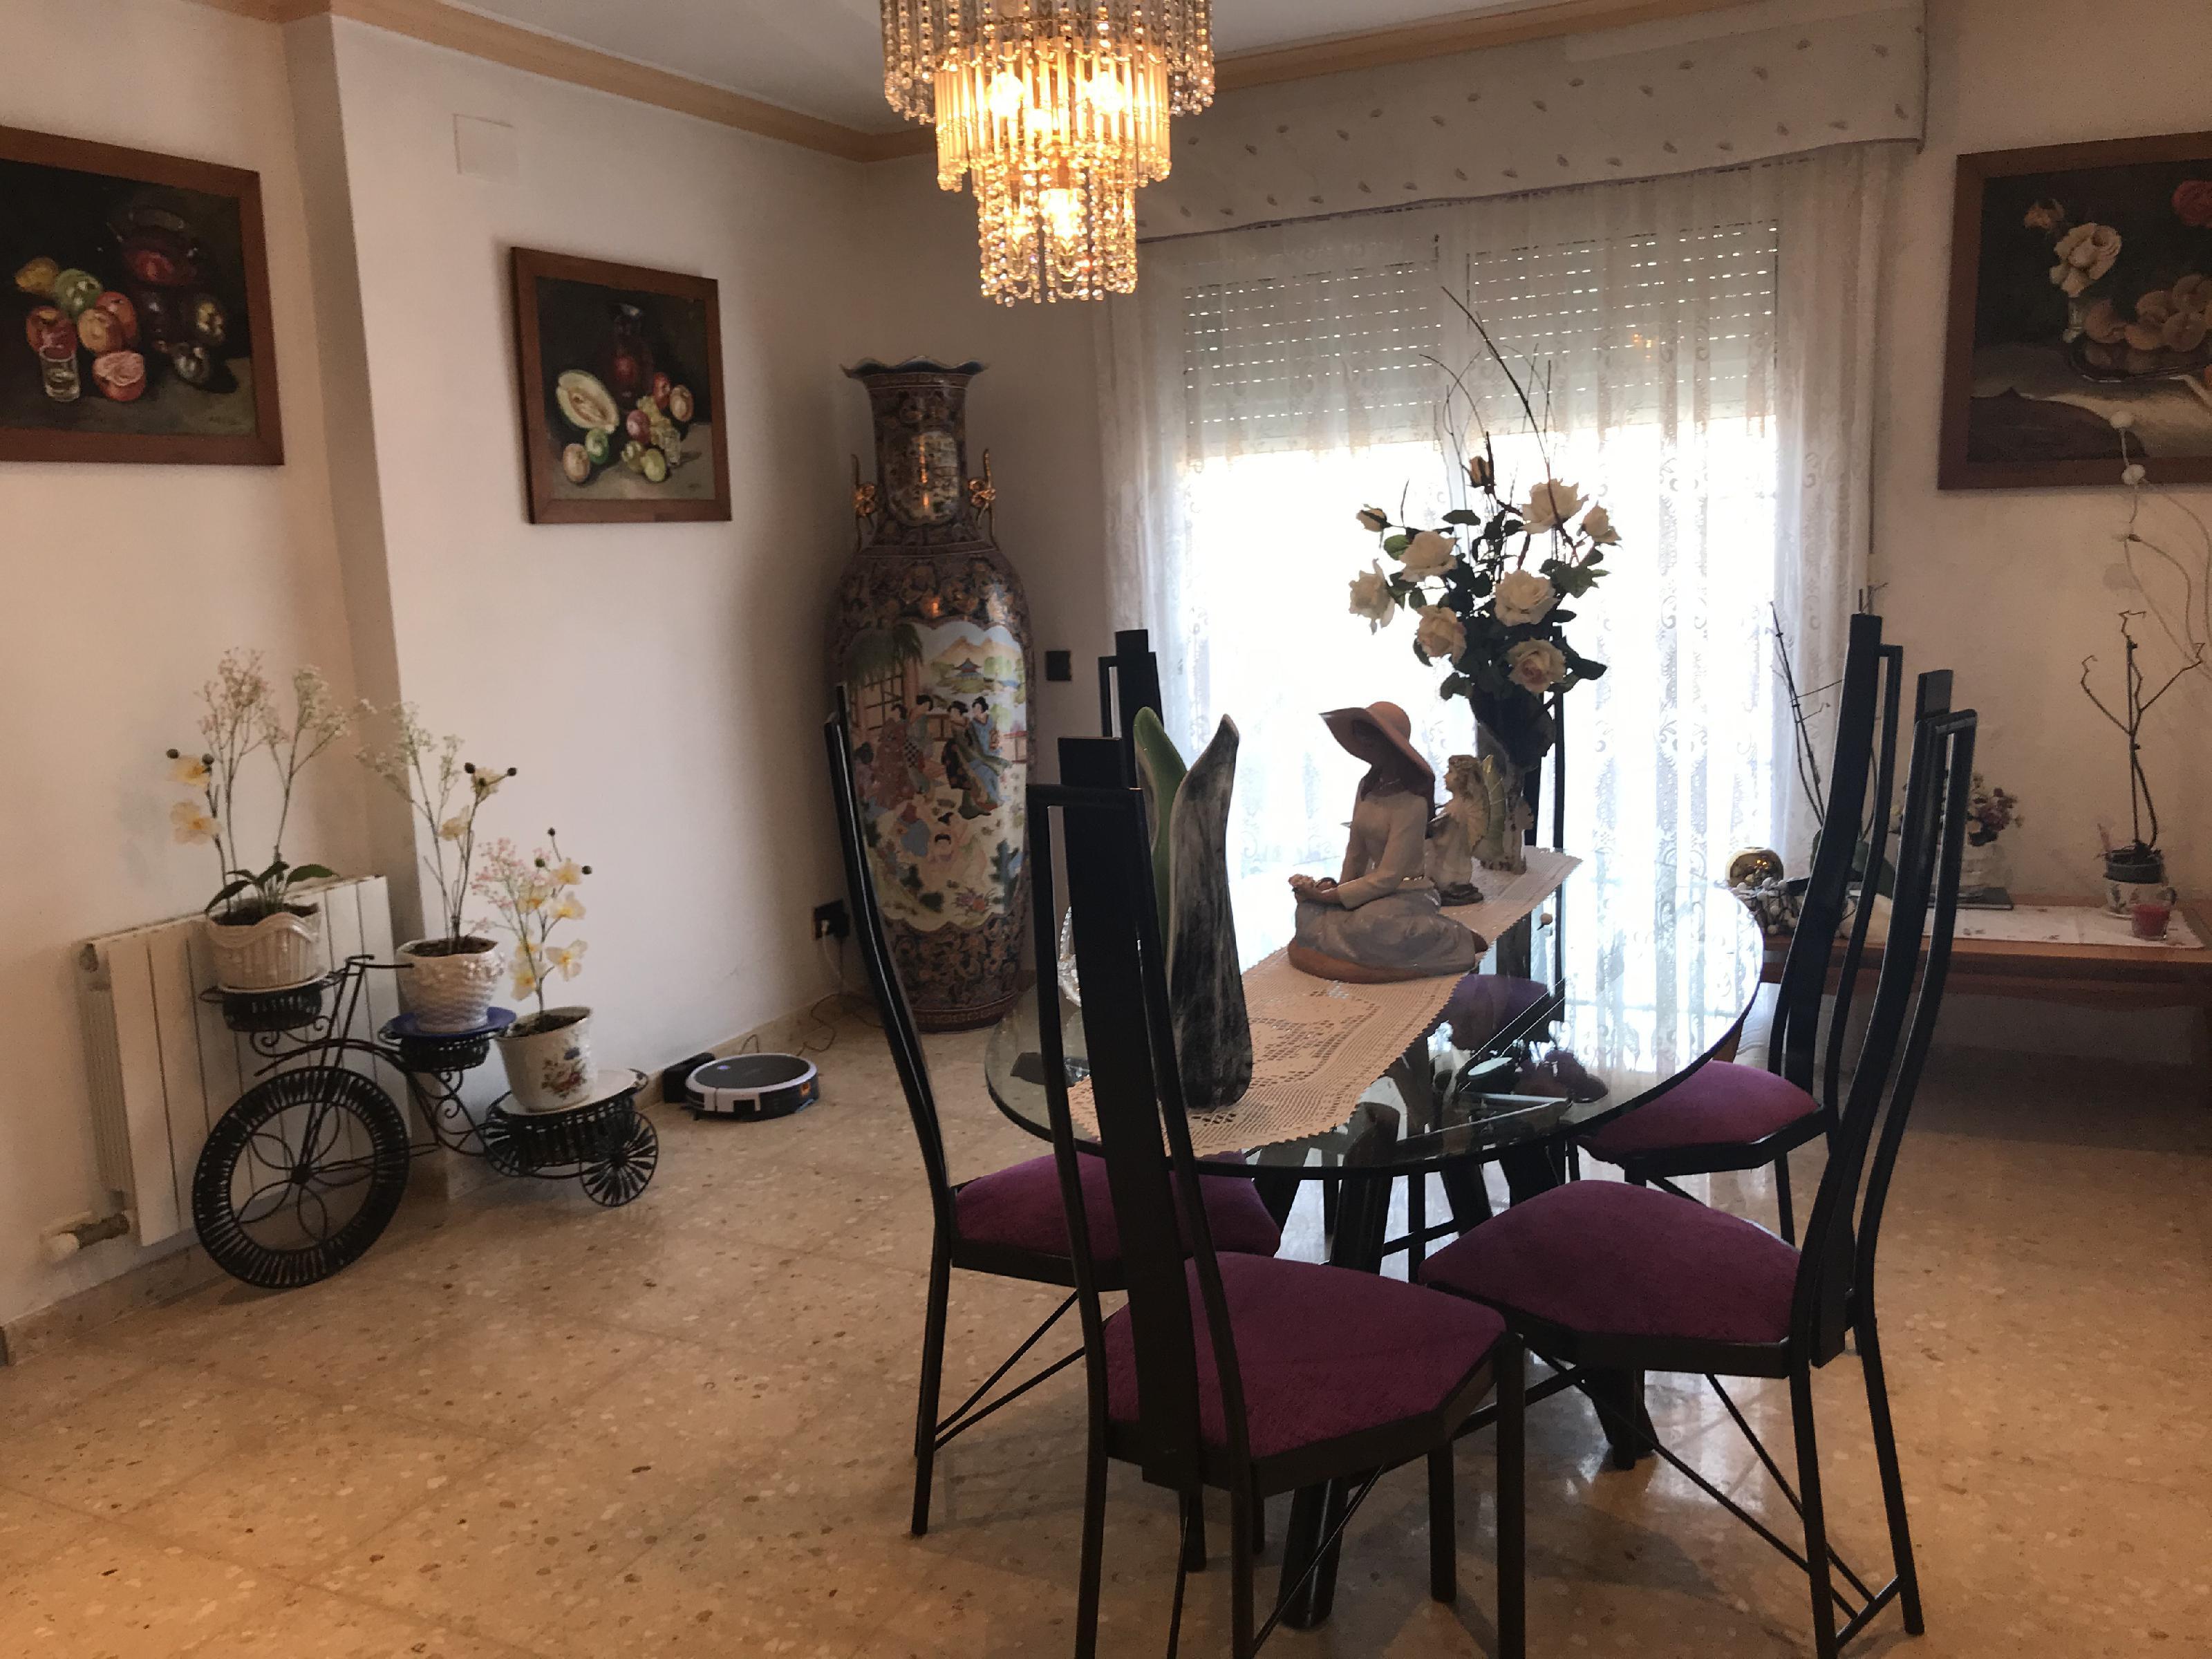 Imagen 1 Casa Aislada en venta en Cubelles / Cerca de Cubelles, a 3 minutos del centro del pueblo.